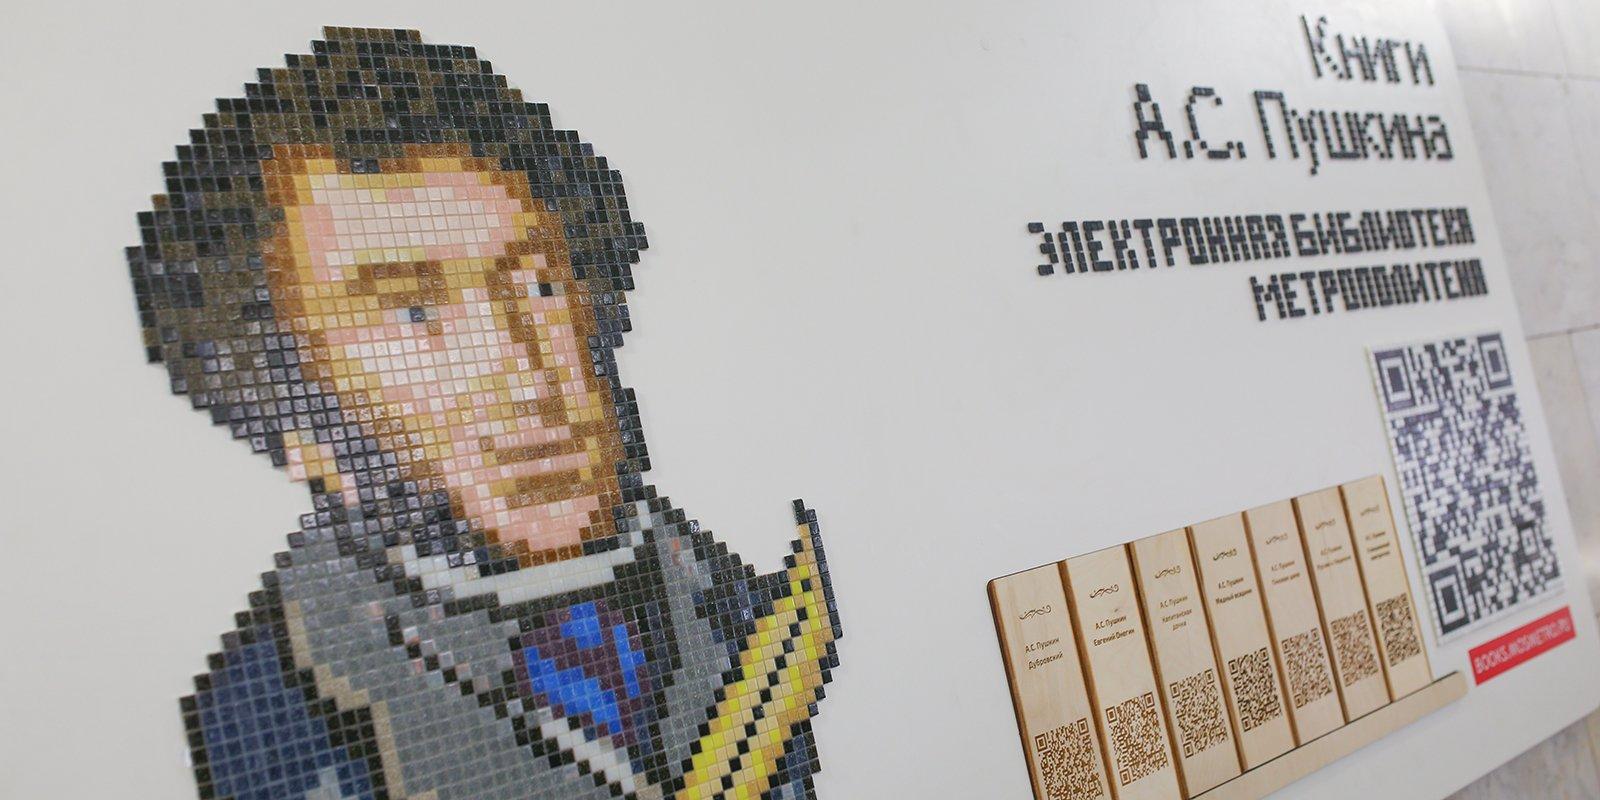 Пассажиры московского метро скачали более 100 тысяч книг за три месяца